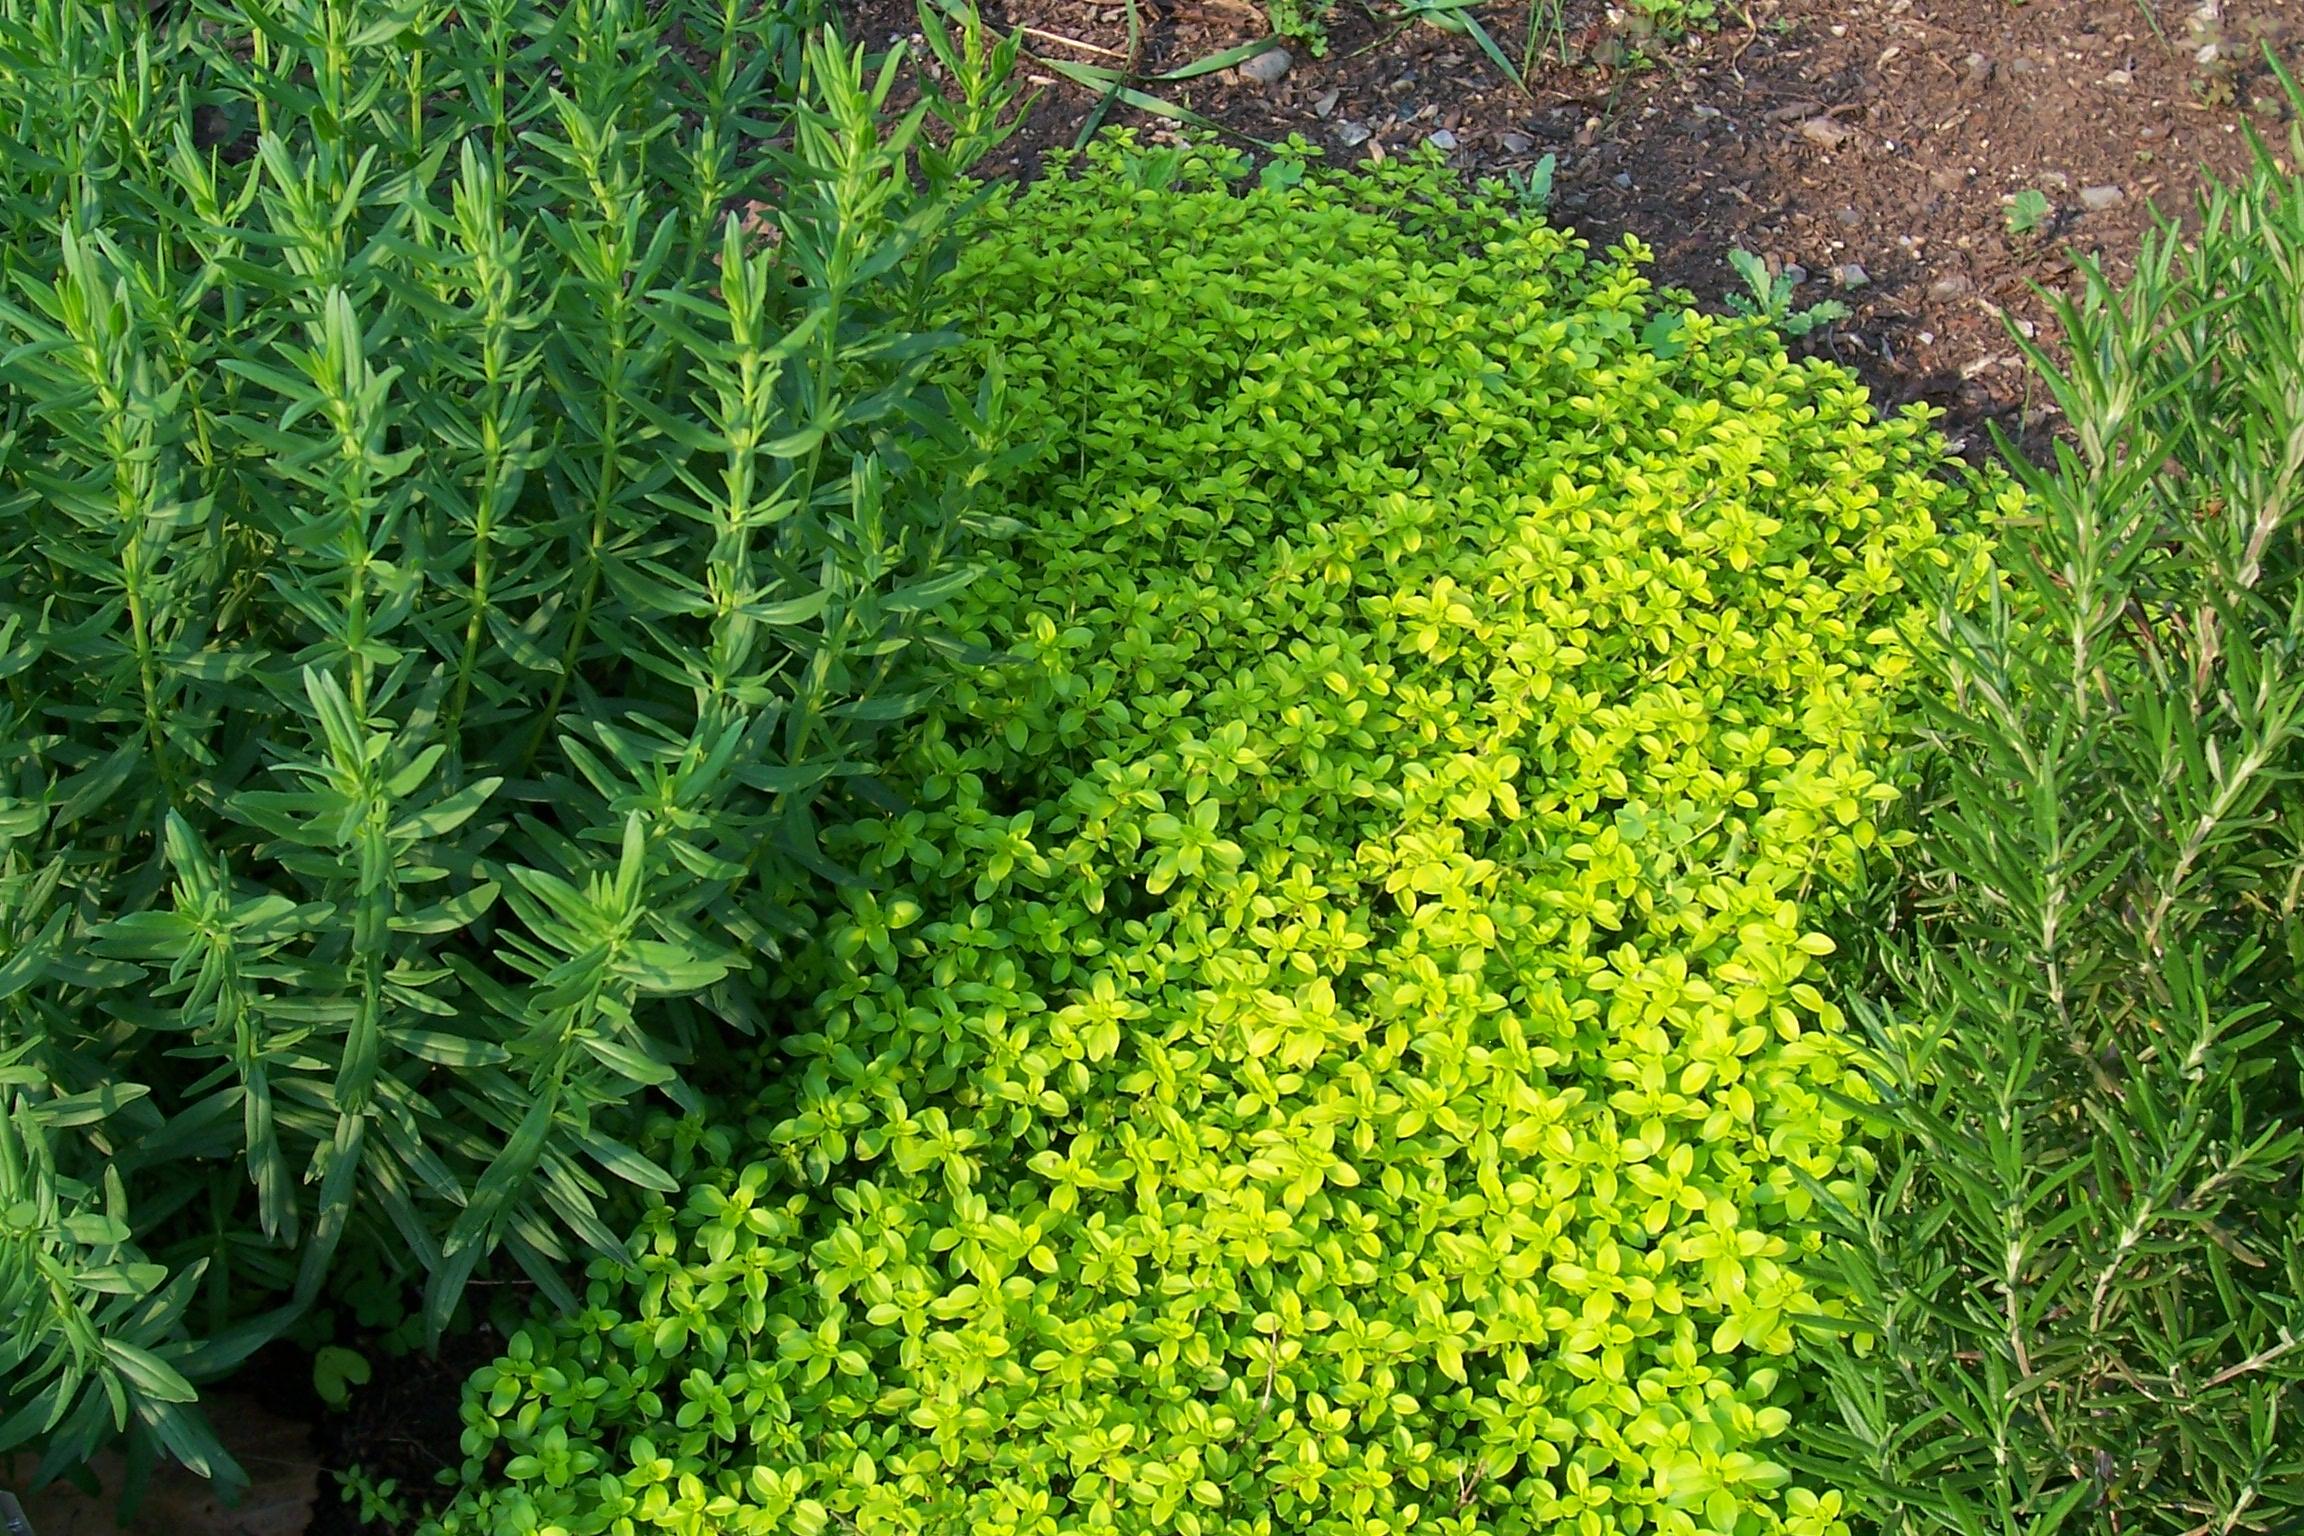 Thymus x citriodorus 'Aureus' CU 5-26-07 b